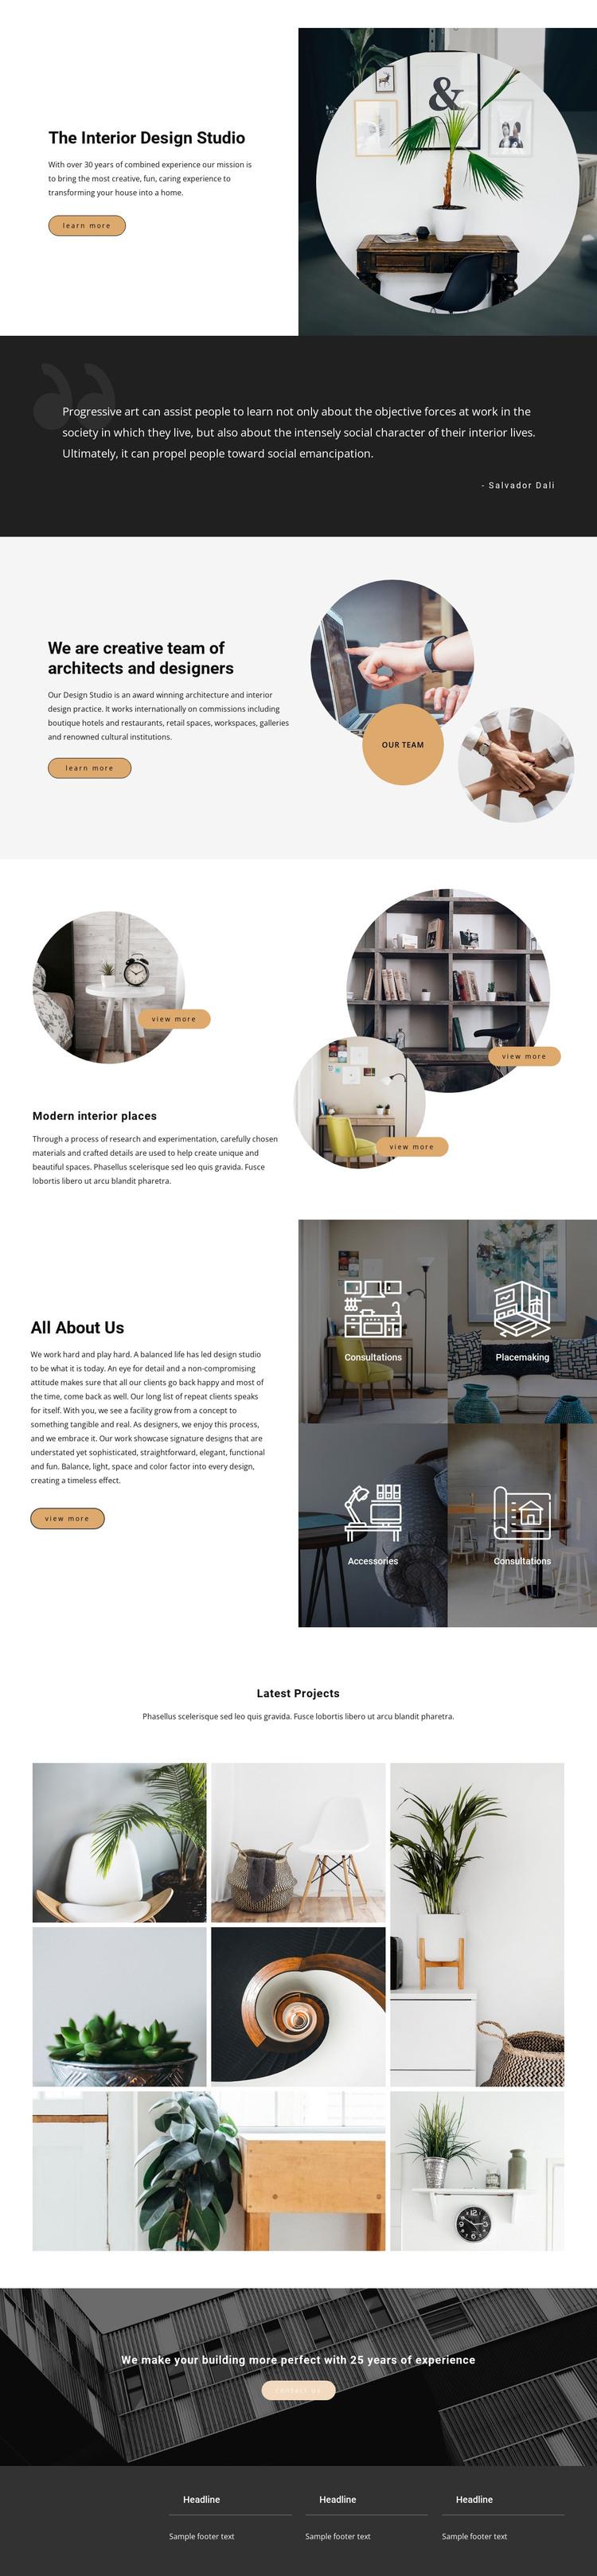 Interior innovations Web Design